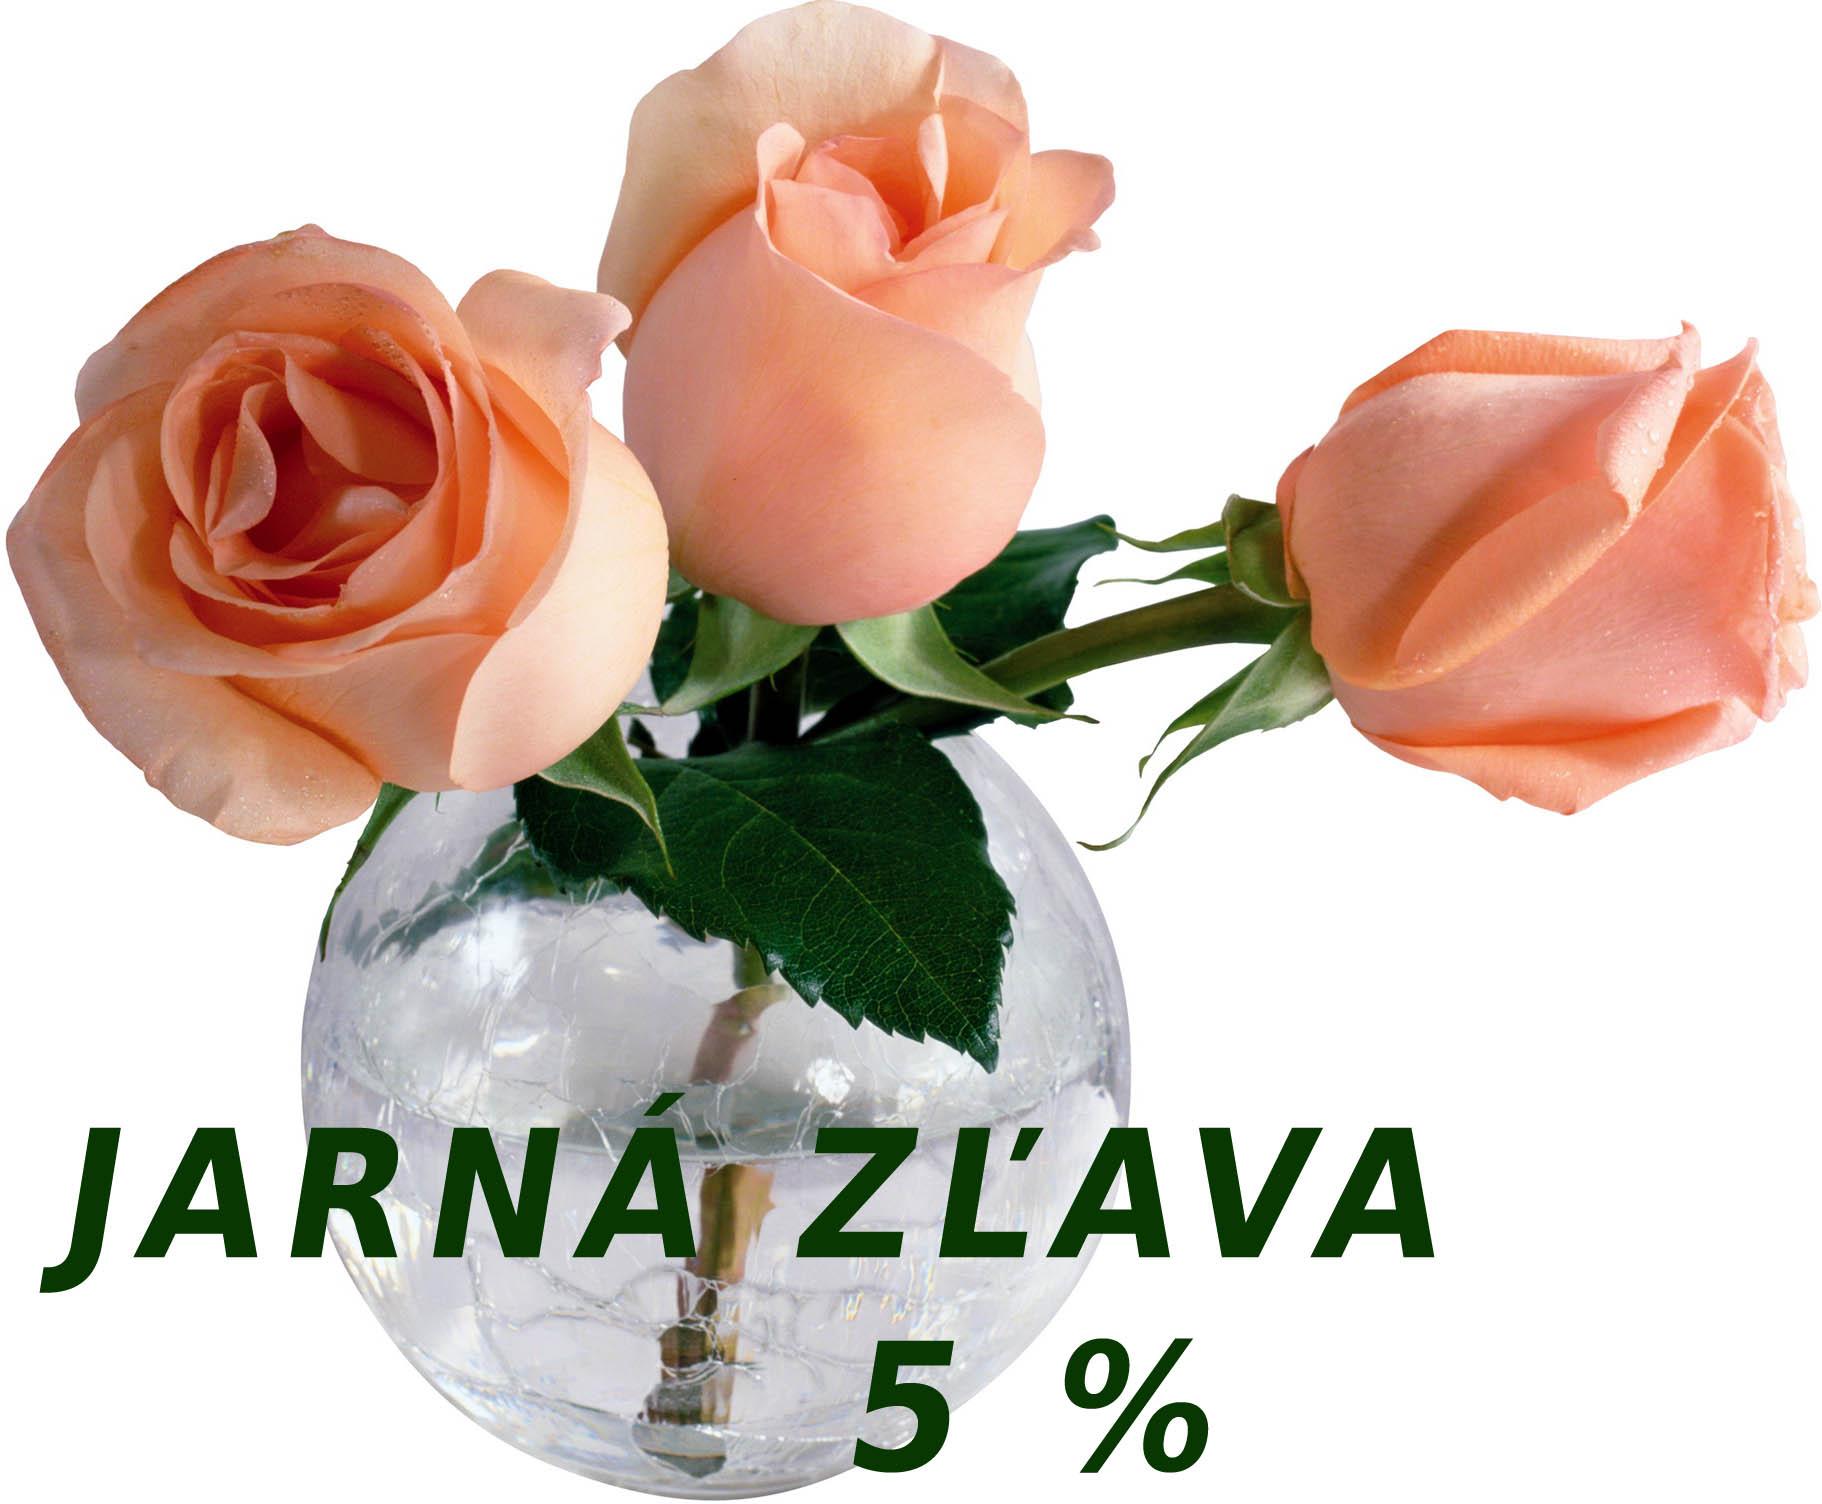 JARNÁ ZĽAVA 5% - INFORMÁCIE